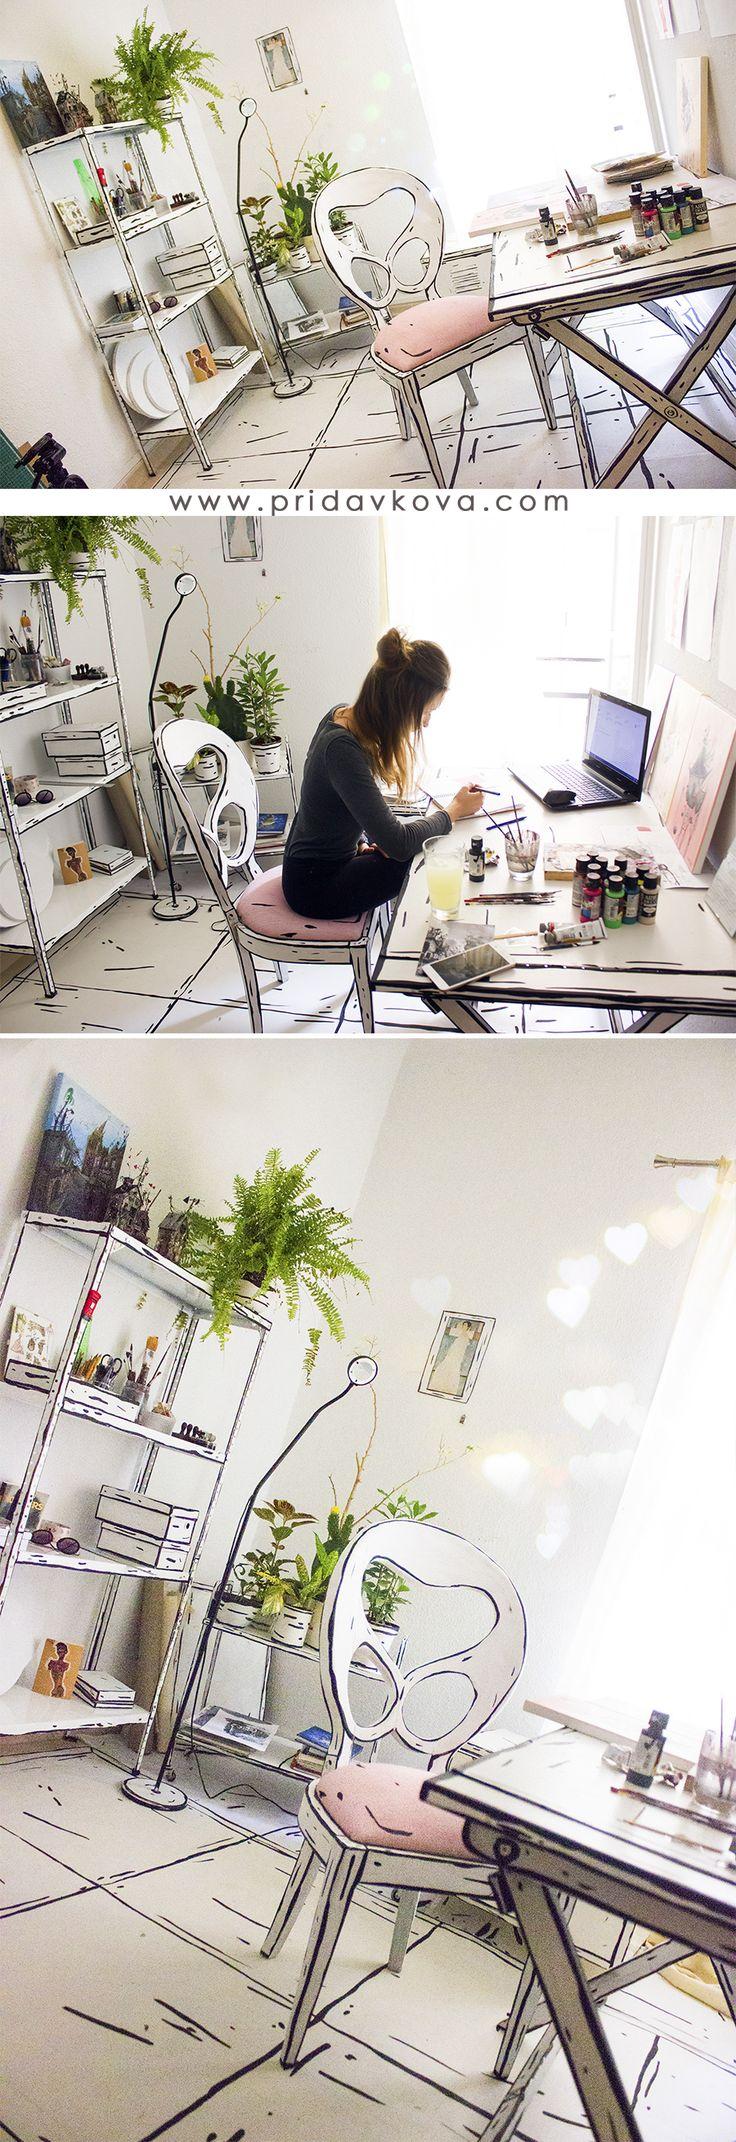 Welcome in my doodle artstudio :)  #katarinapridavkova #artstudio #creativedesign #doodlestudio #interiordesign